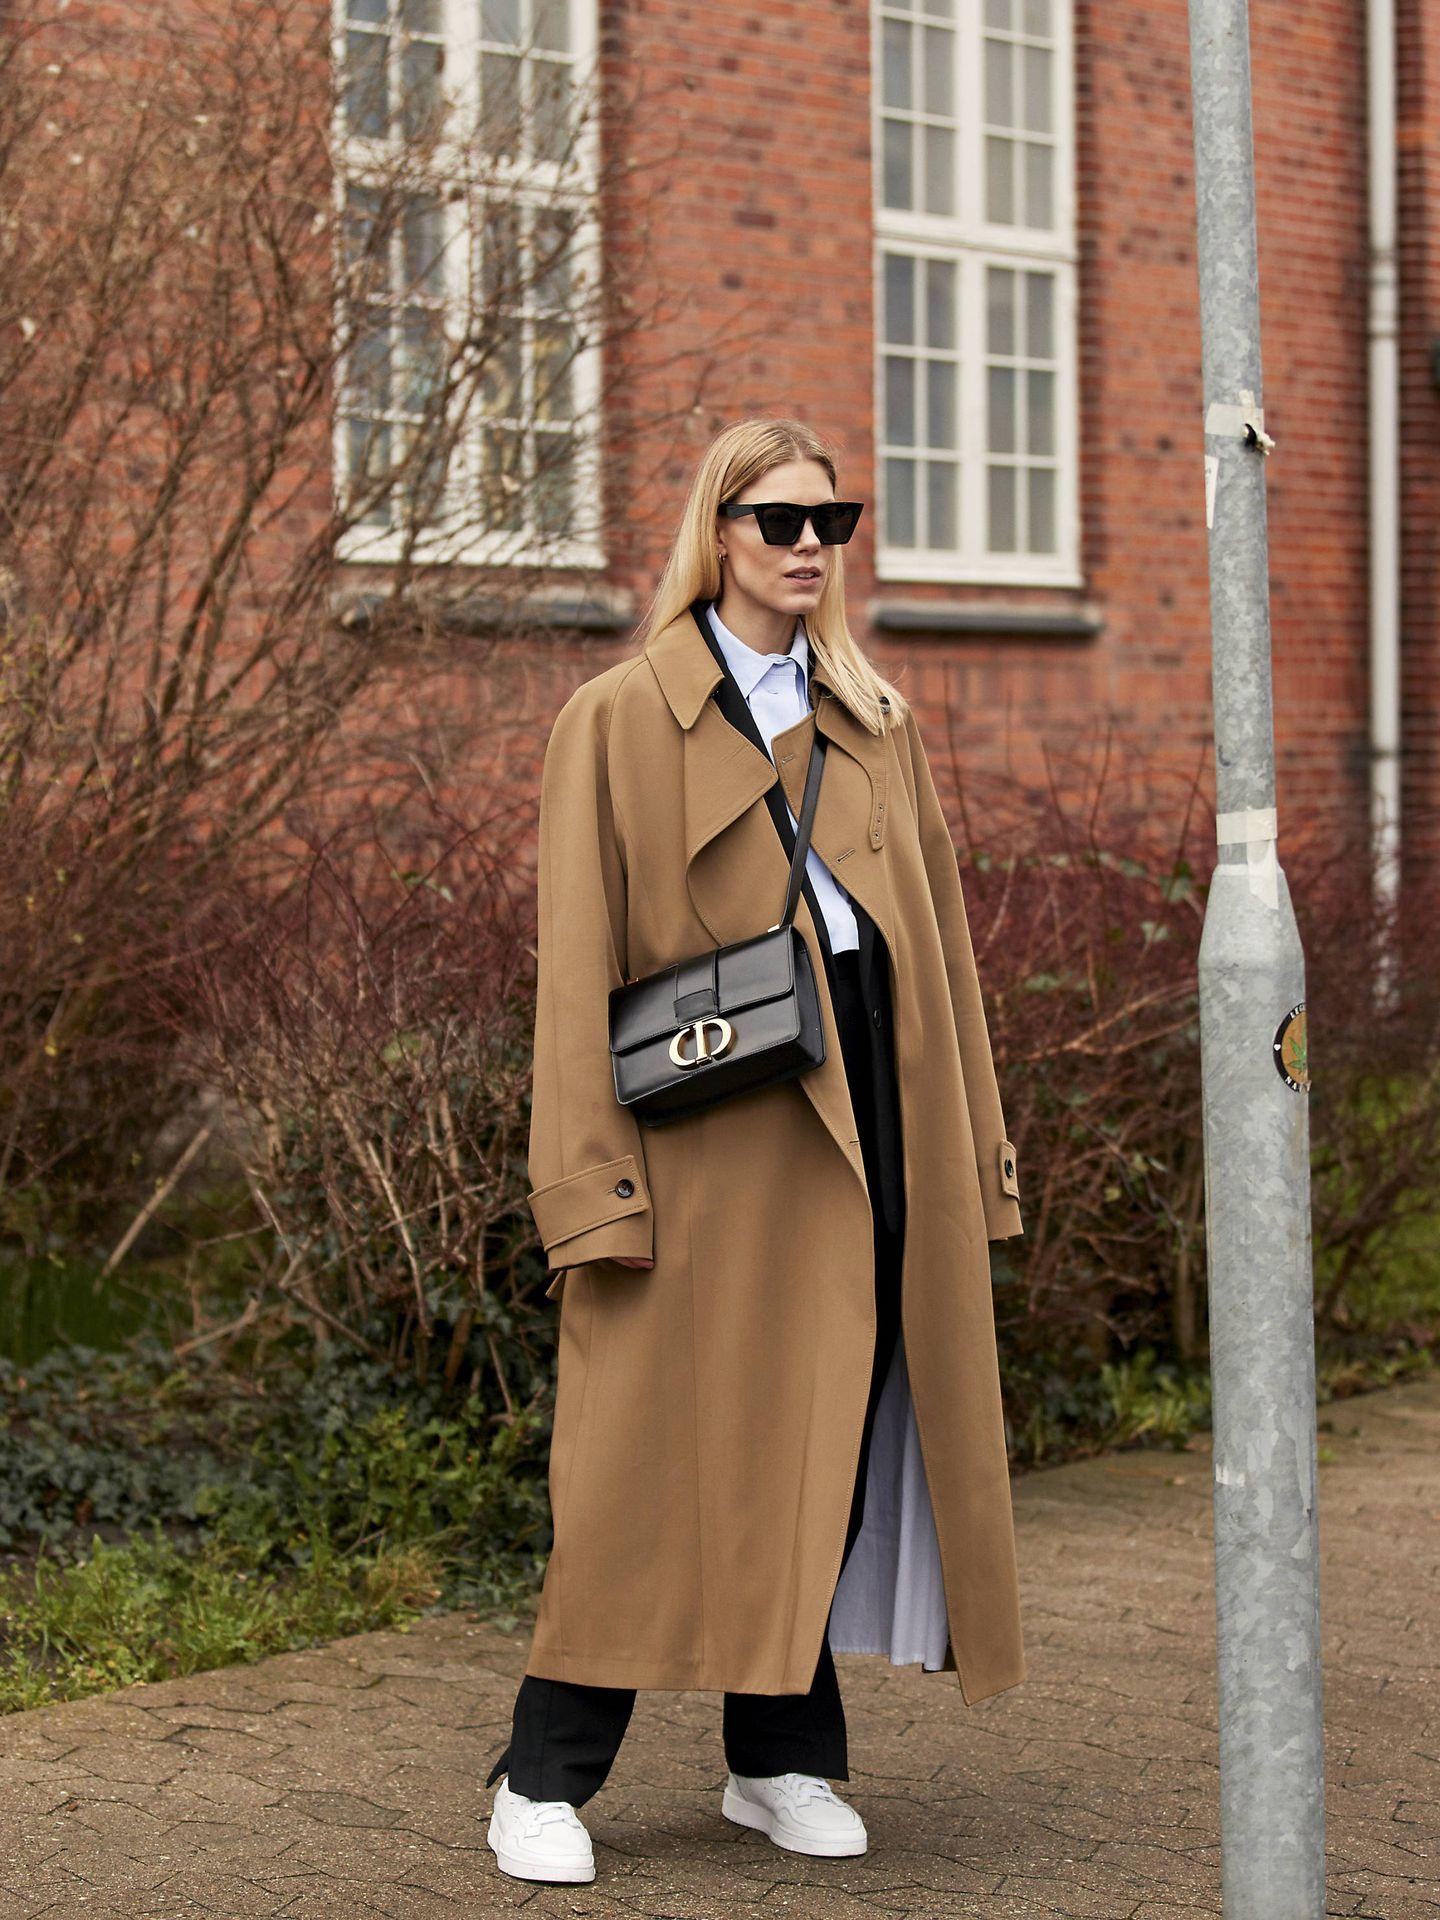 El abrigo camel en las calles. (Imaxtree)